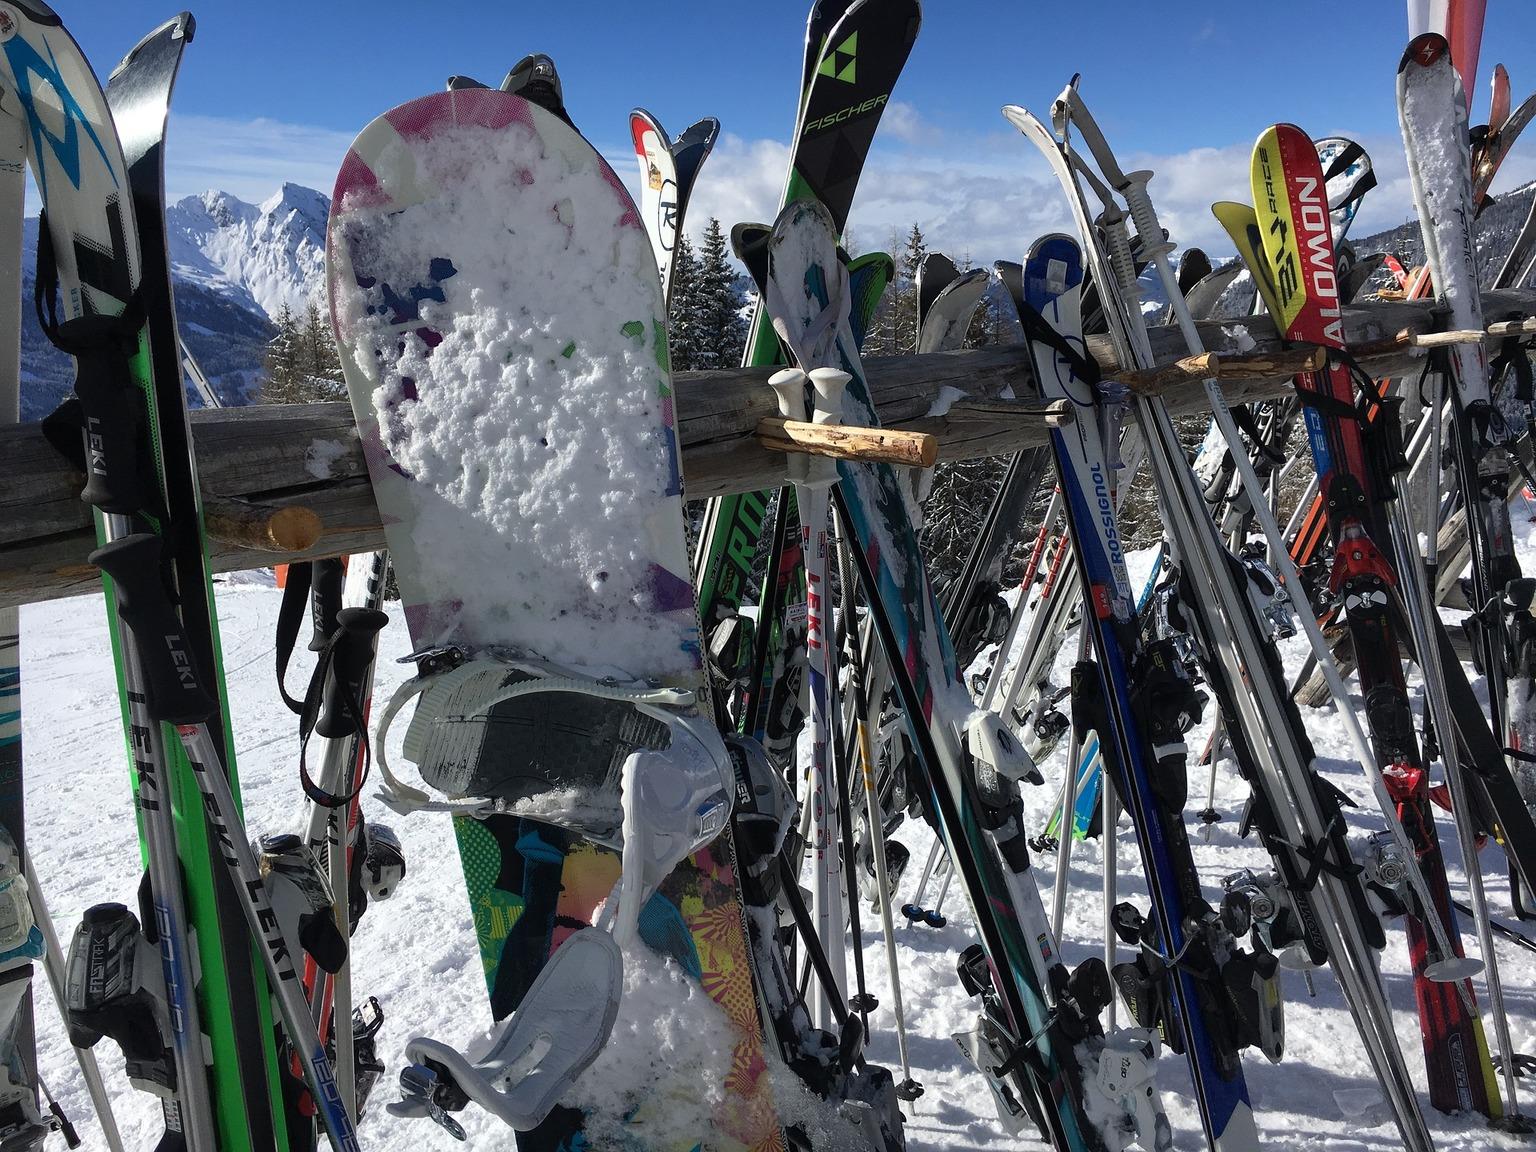 スキー場のスノーボード